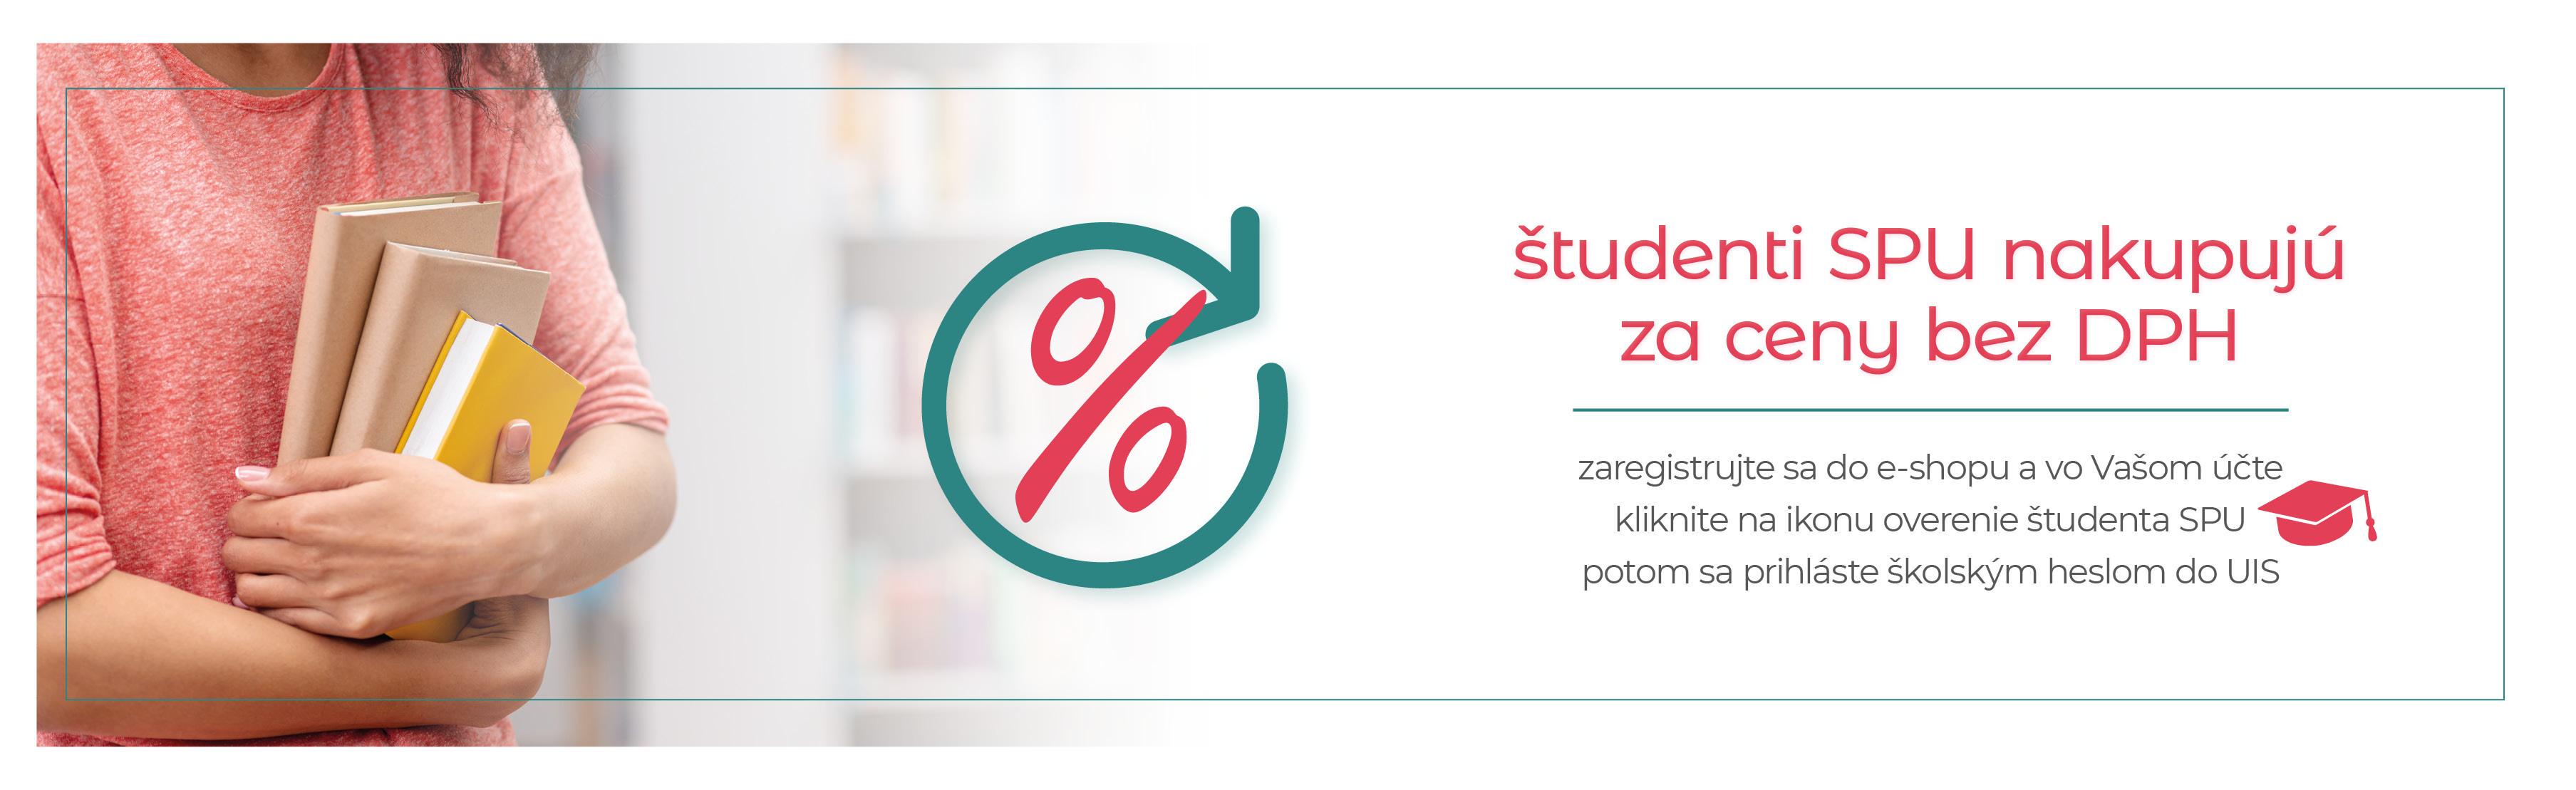 študenti SPU v Nitre u nás nakupujú za ceny bez DPH - zaregistrujte sa do e-shopu a vo Vašom účte, kliknite na ikonu overenie študenta SPU, potom sa prihláste školským heslom do UIS